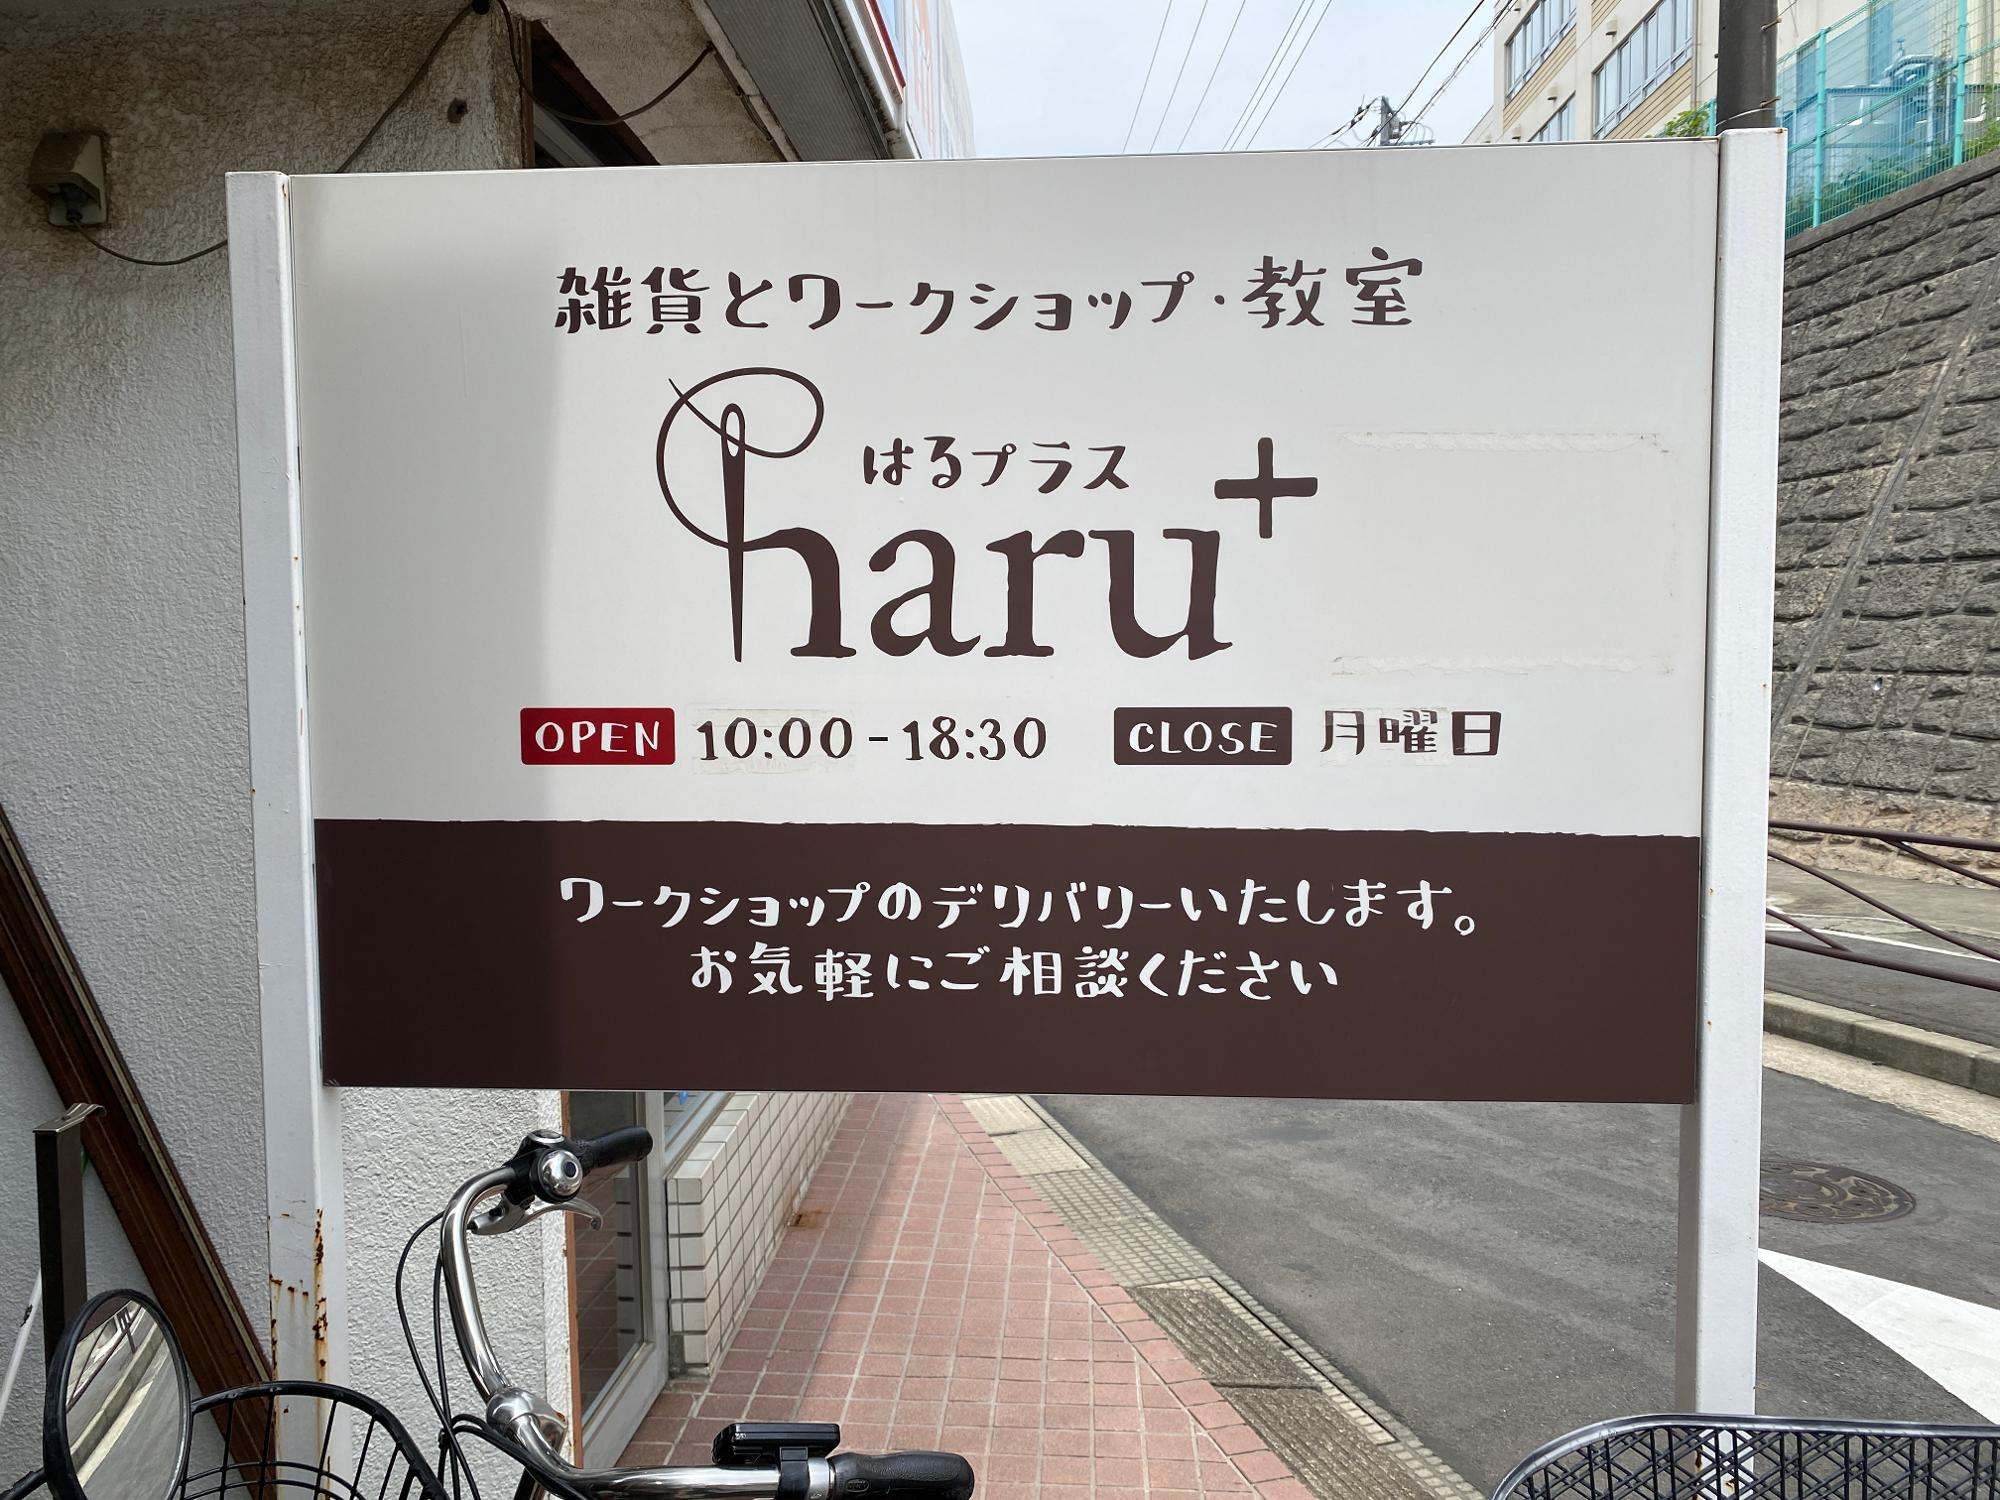 この看板場目印です。haru+のhがかわいいですね!